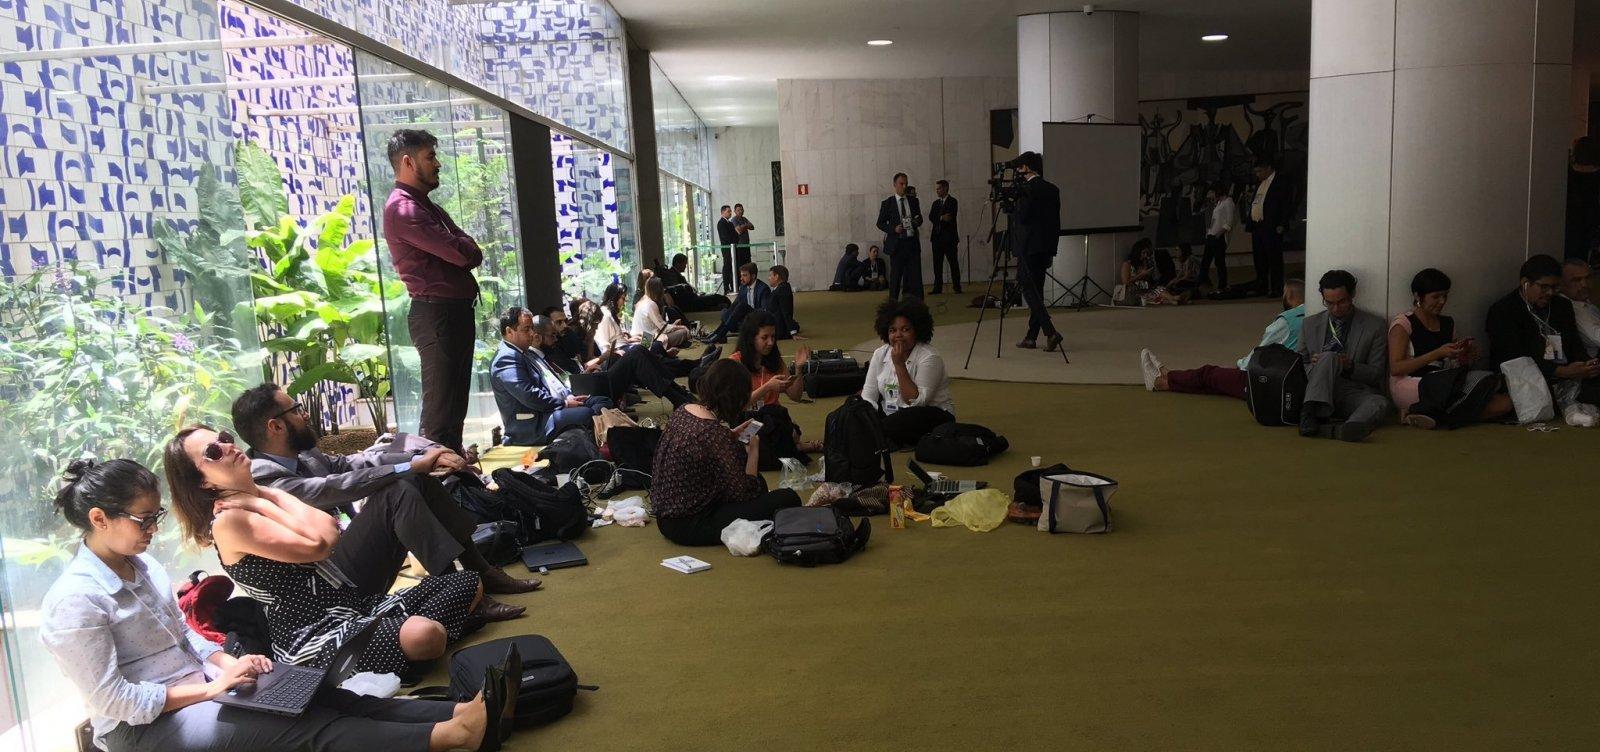 [Posse de Bolsonaro: jornalistas têm circulação restrita e relatam ameaças]